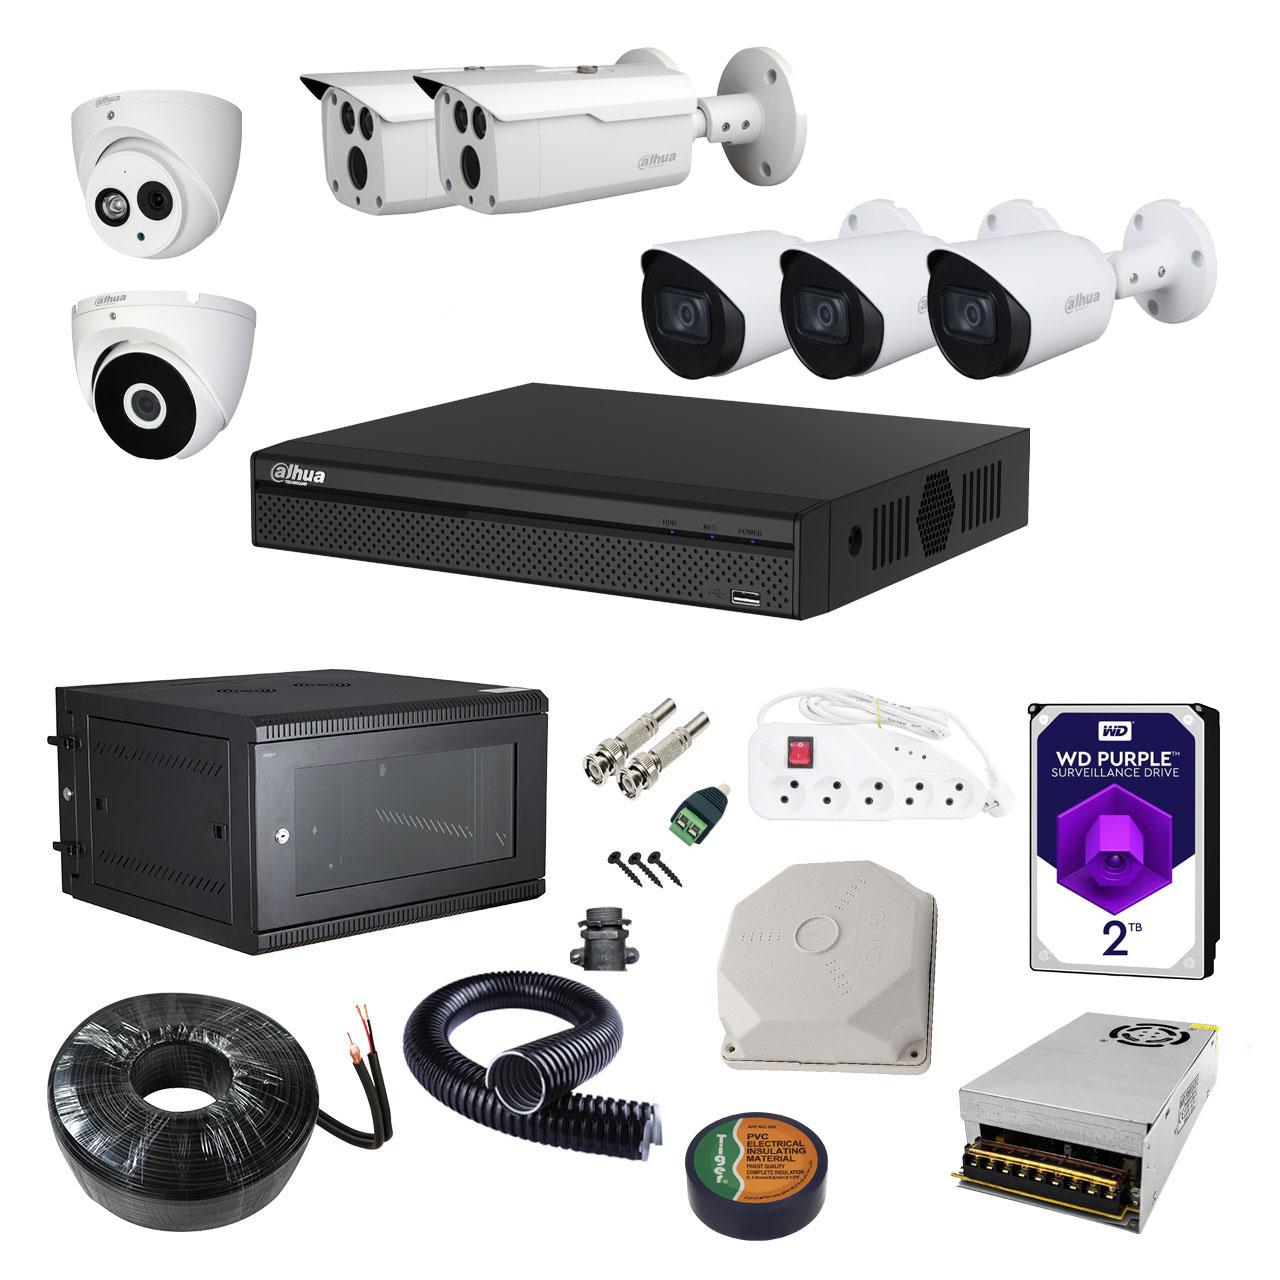 بررسی و خرید [با تخفیف]                                     سیستم امنیتی داهوا مدل DP72S2512-f                             اورجینال